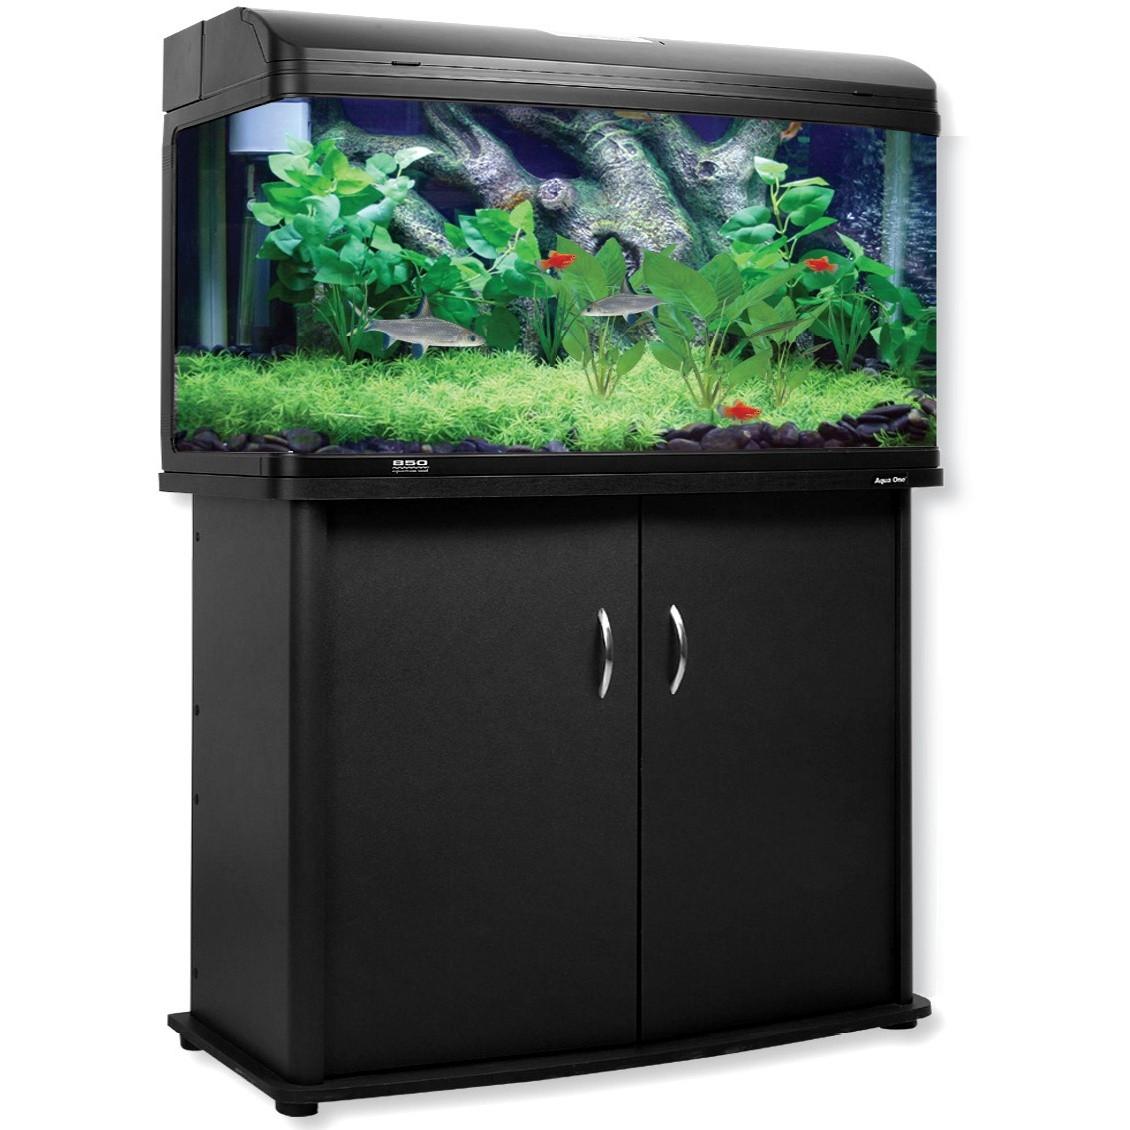 Aqua One Ar980t 245 Litre Aquarium Amp Cabinet Combo Fish